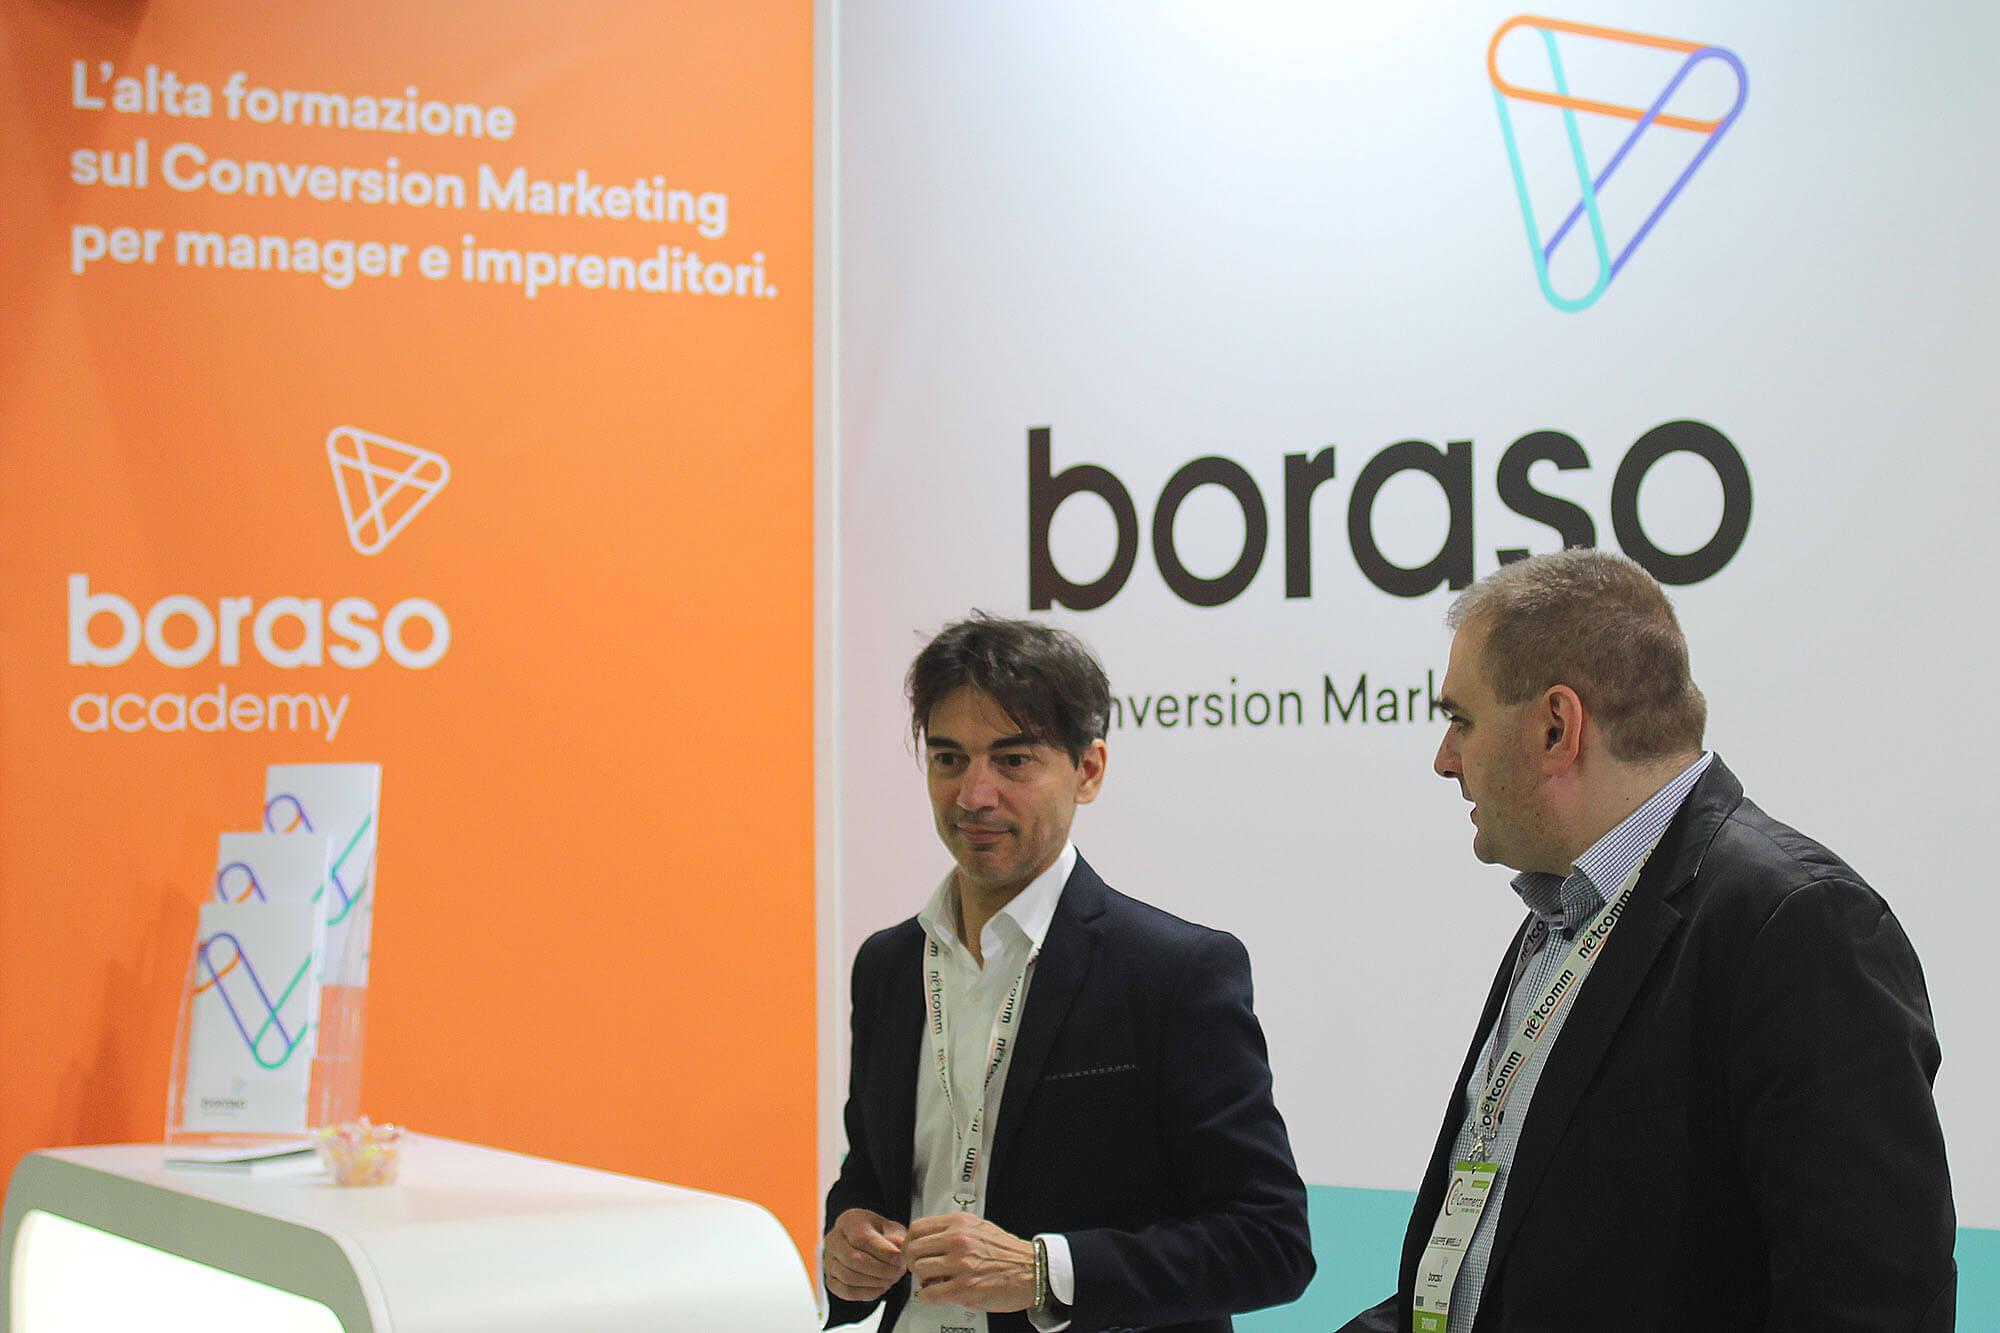 boraso-netcomm2016-3